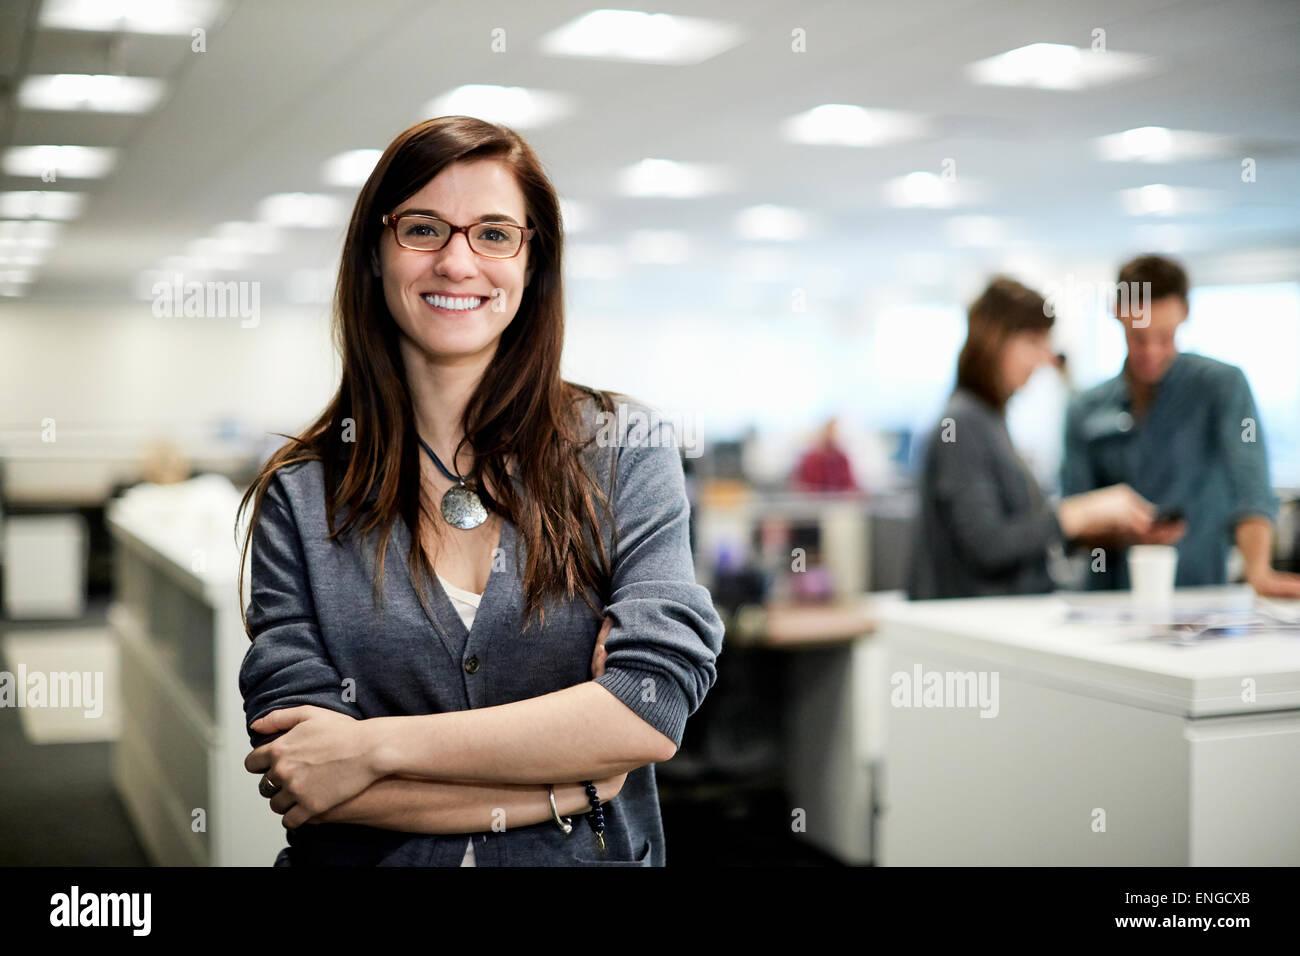 Une femme avec les bras croisés en souriant. Photo Stock